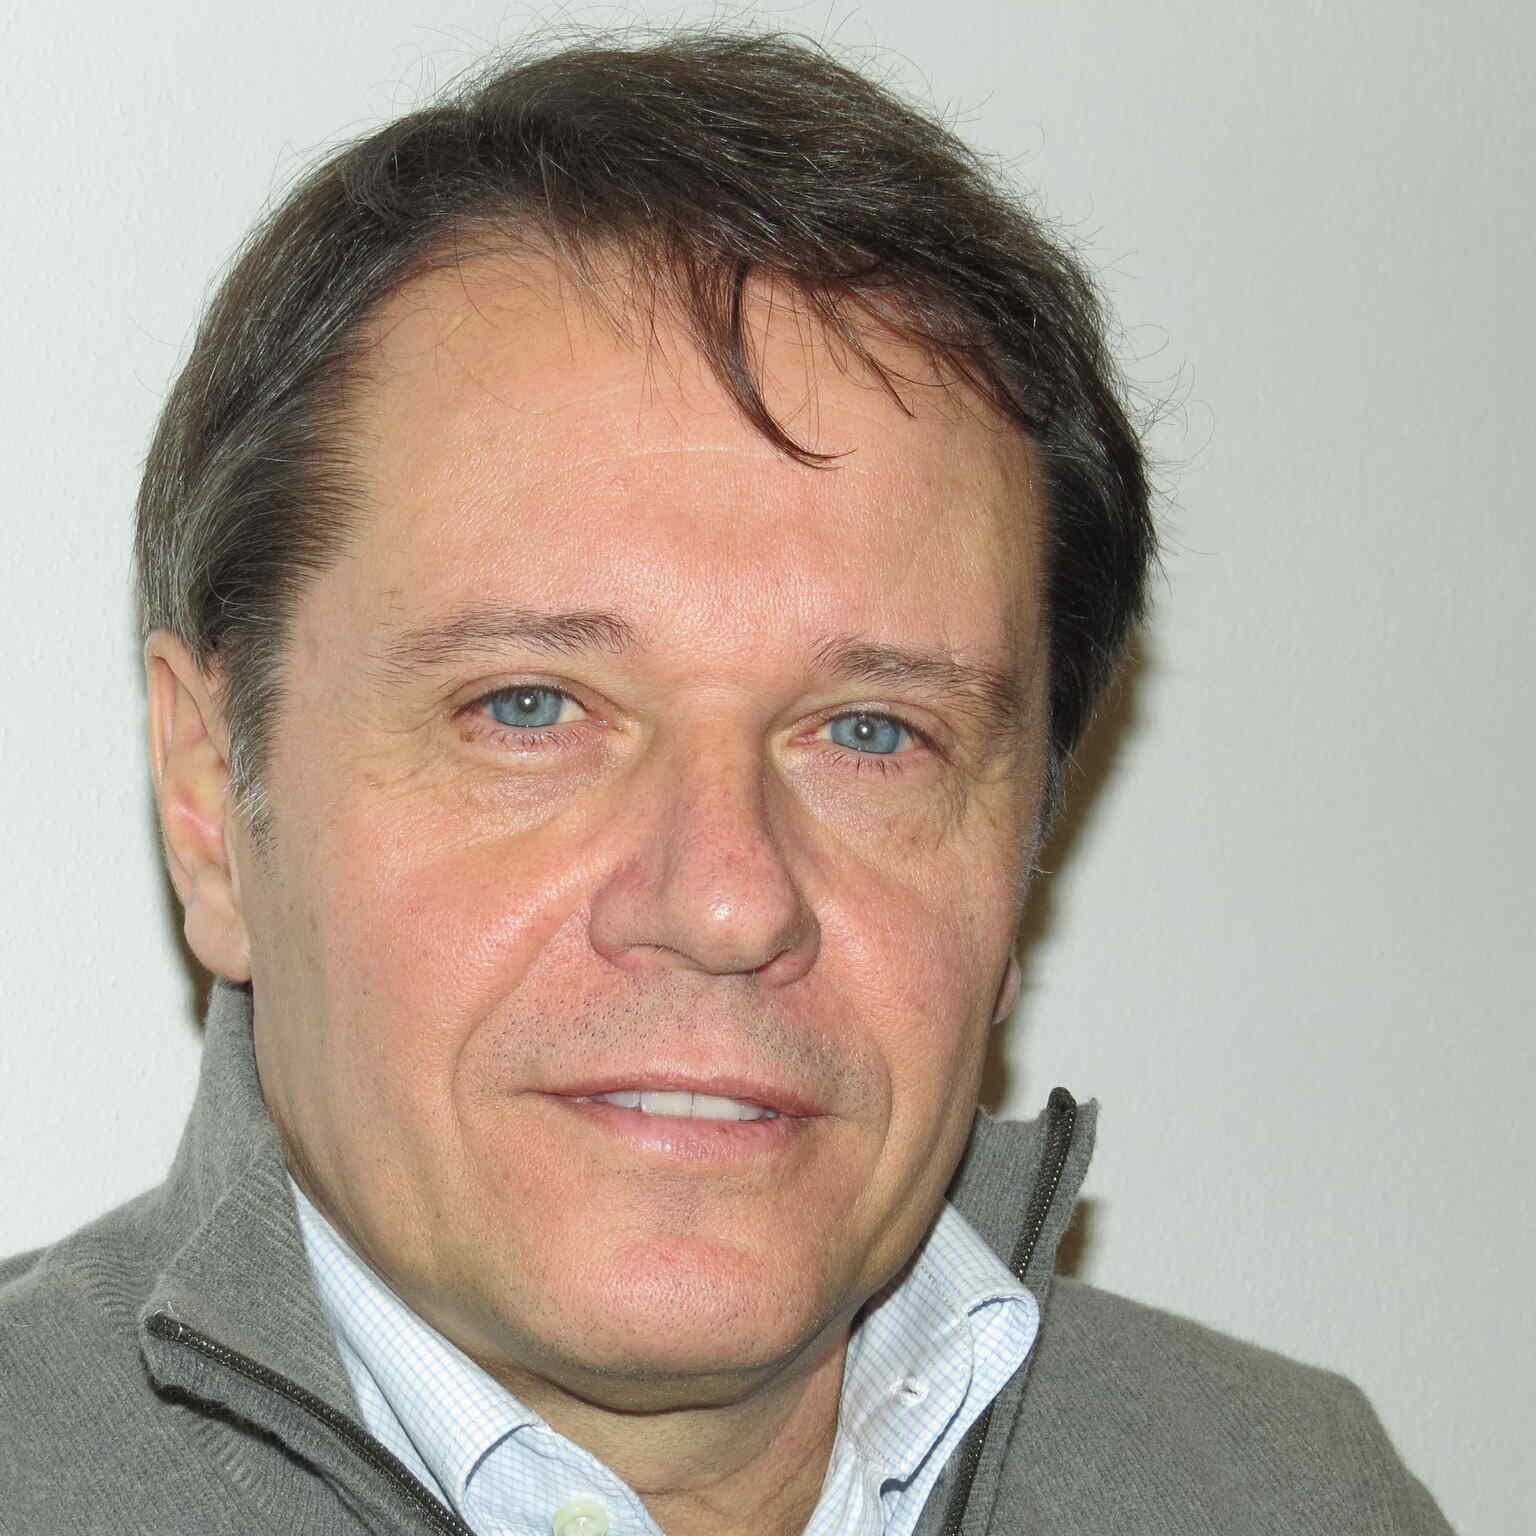 Geom. Fabio Masiero